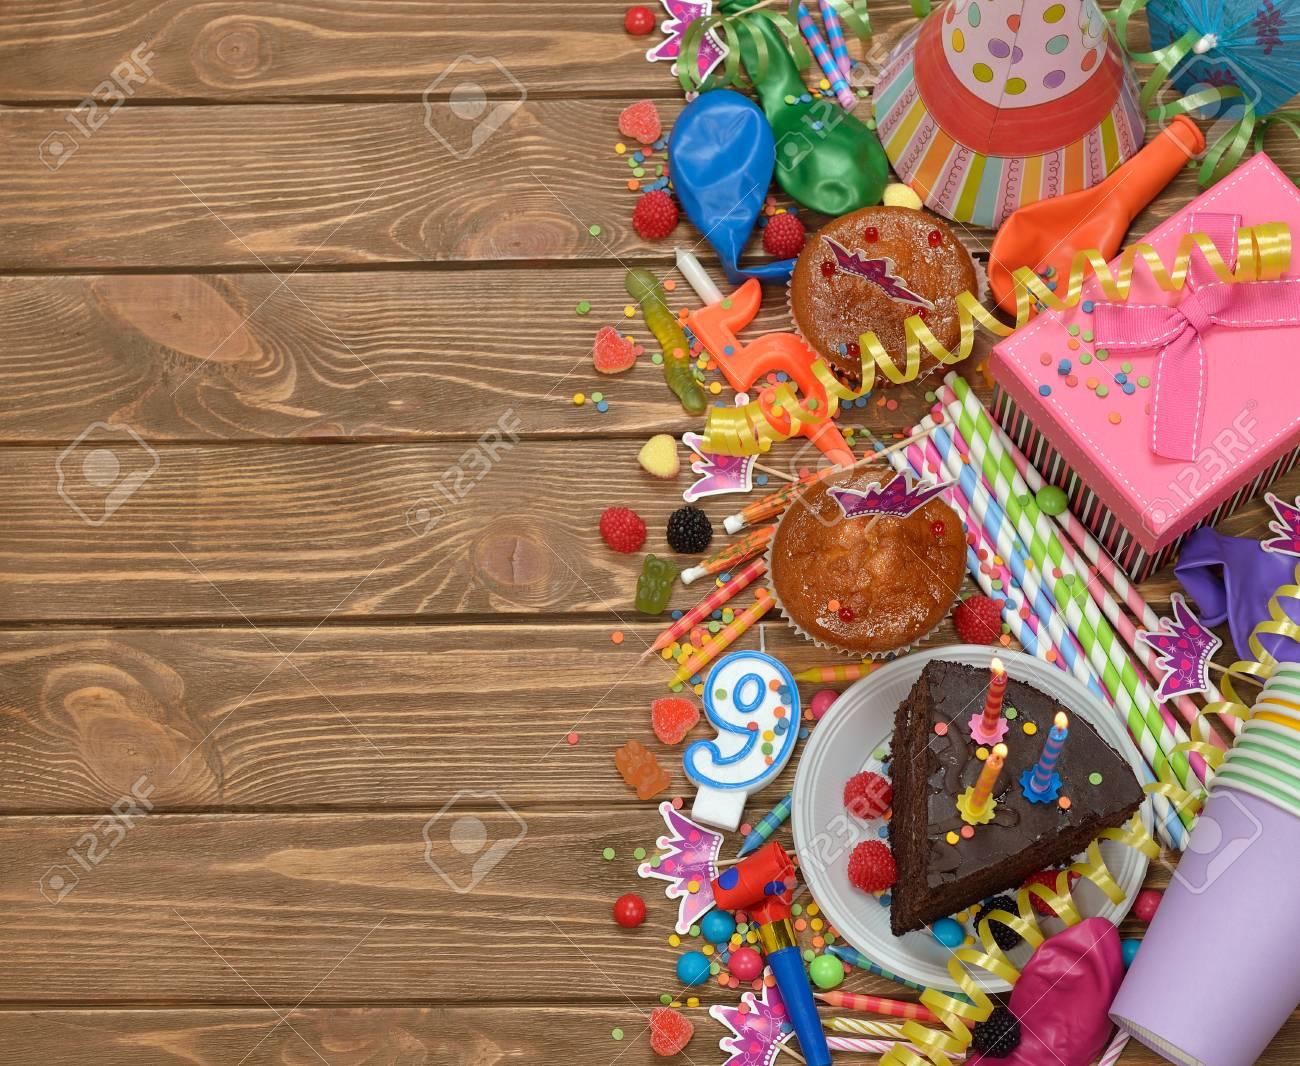 cd1ff75e186f Accesorios para fiestas infantiles en un fondo marrón Foto de archivo -  55314492